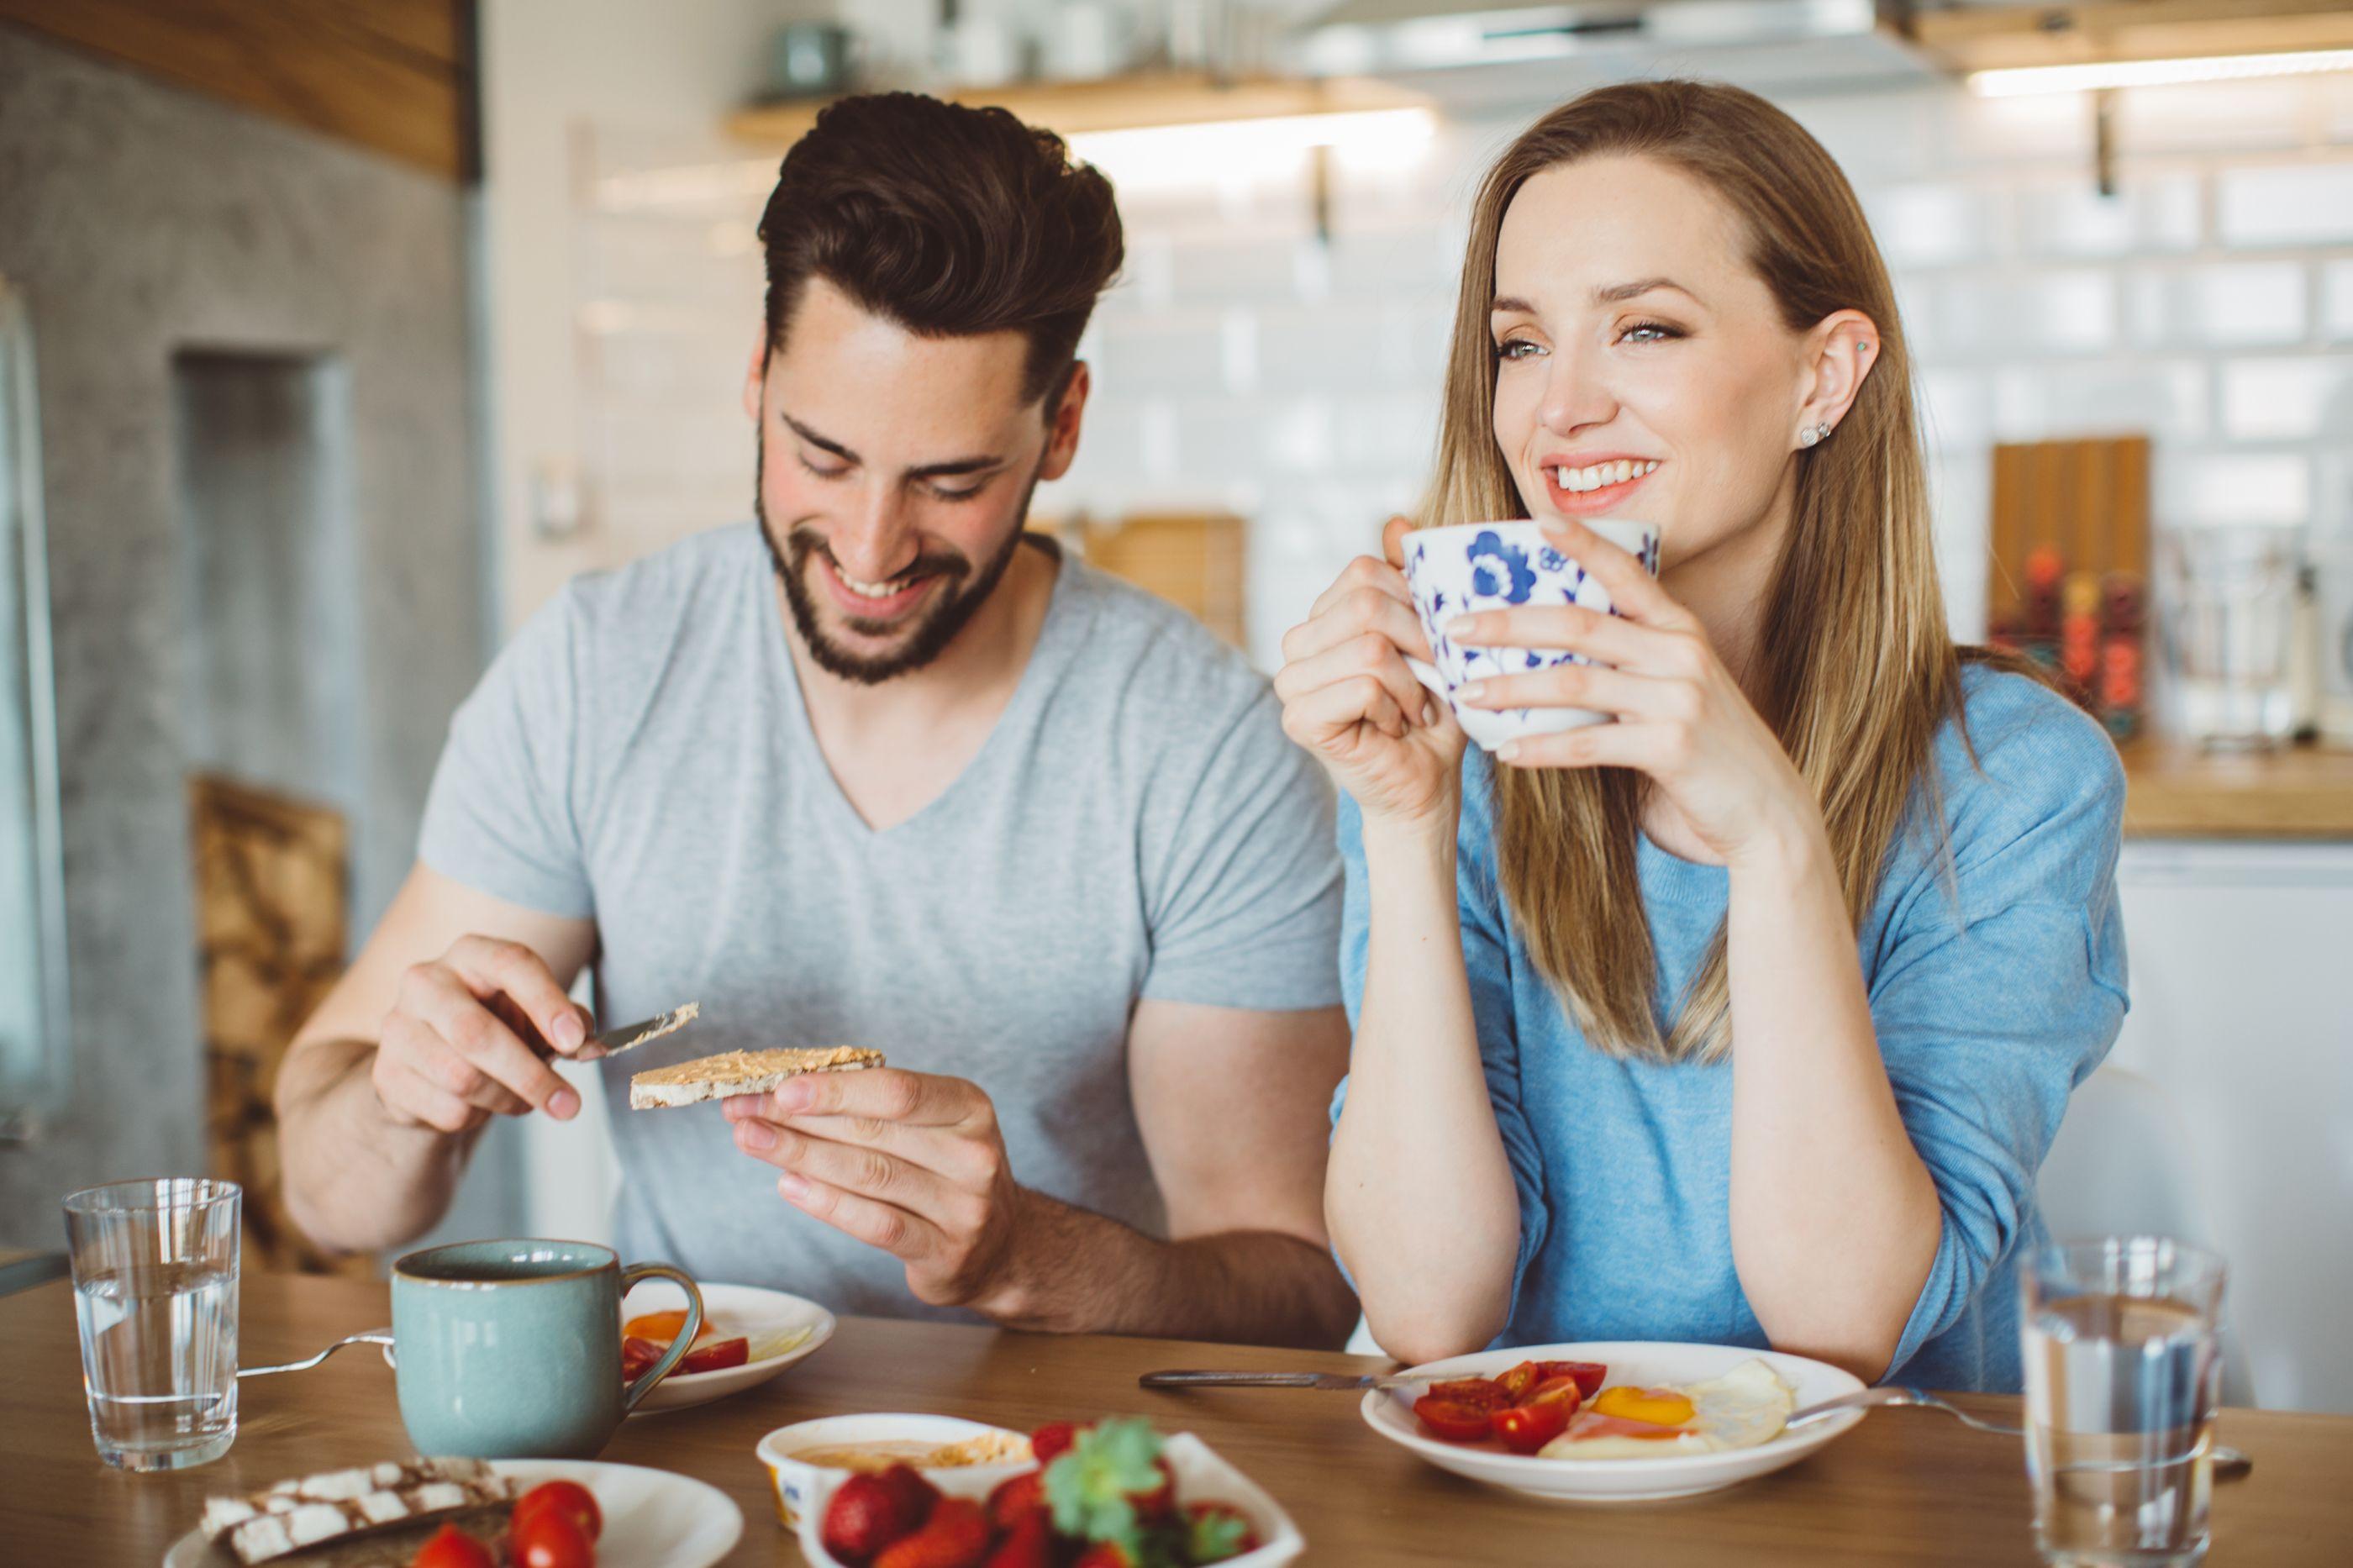 Comer este alimento ao pequeno-almoço evita subida de níveis de açúcar